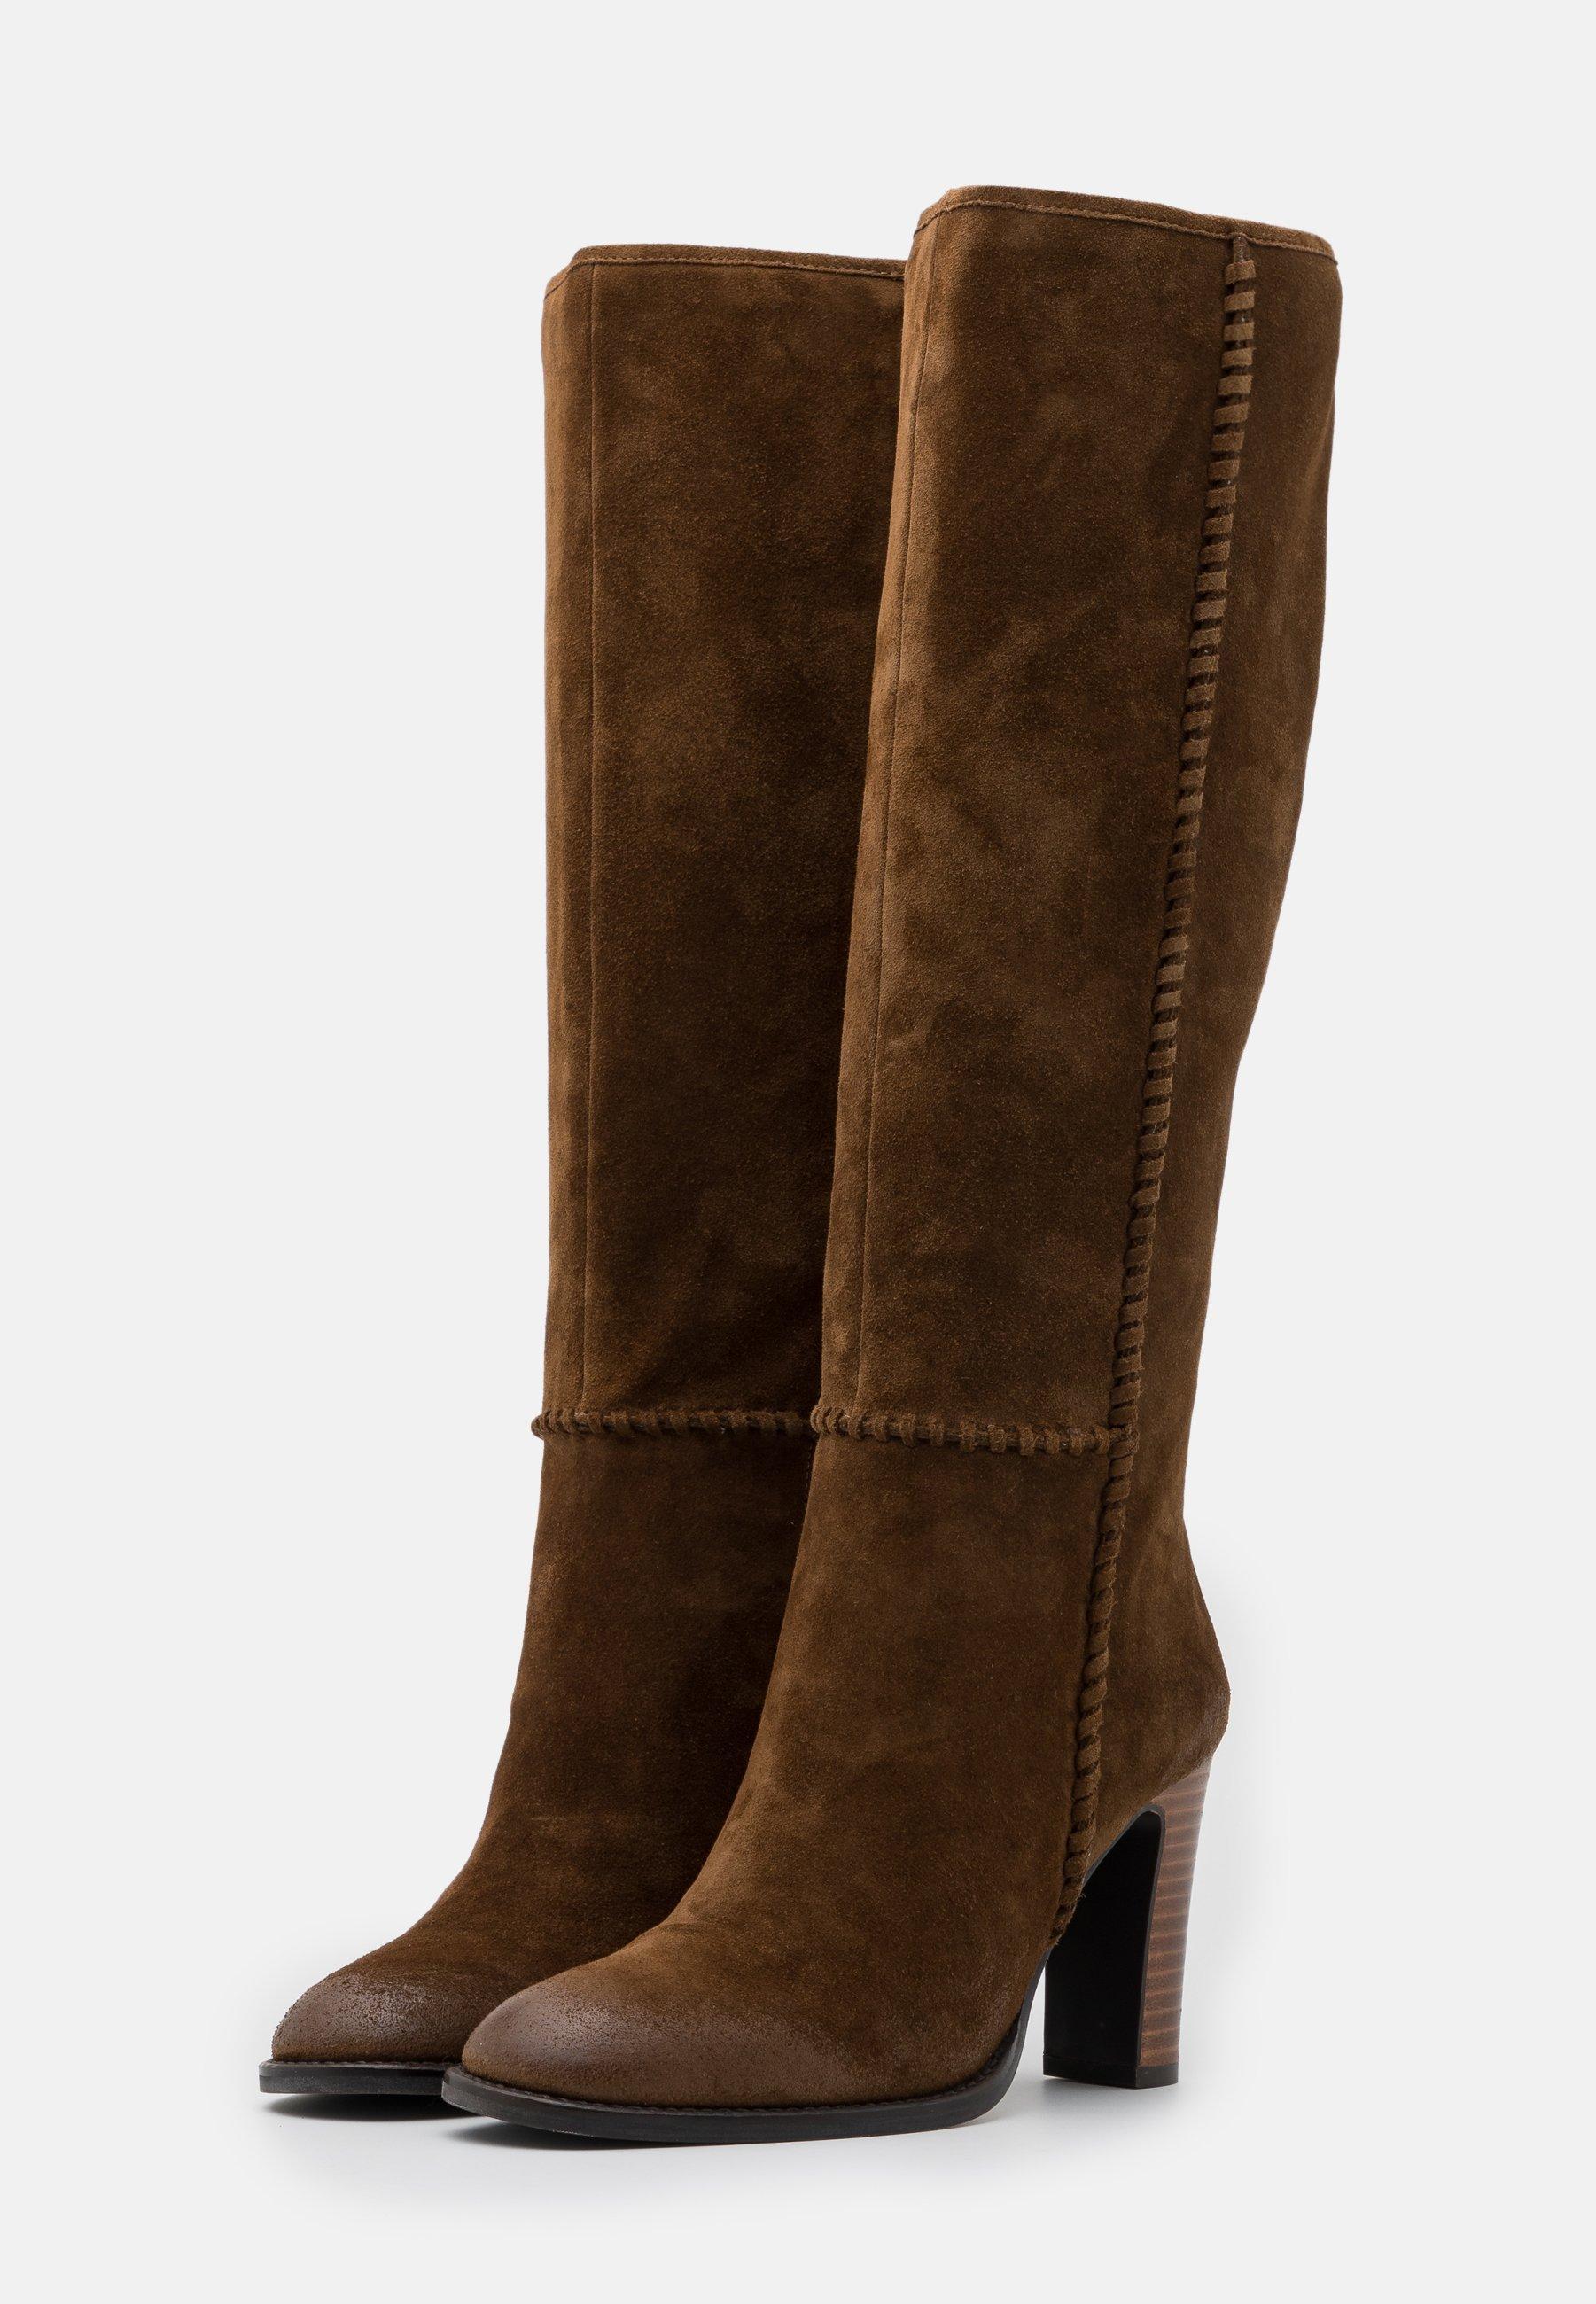 Bruno Premi High Heel Stiefel corteccia/cognac